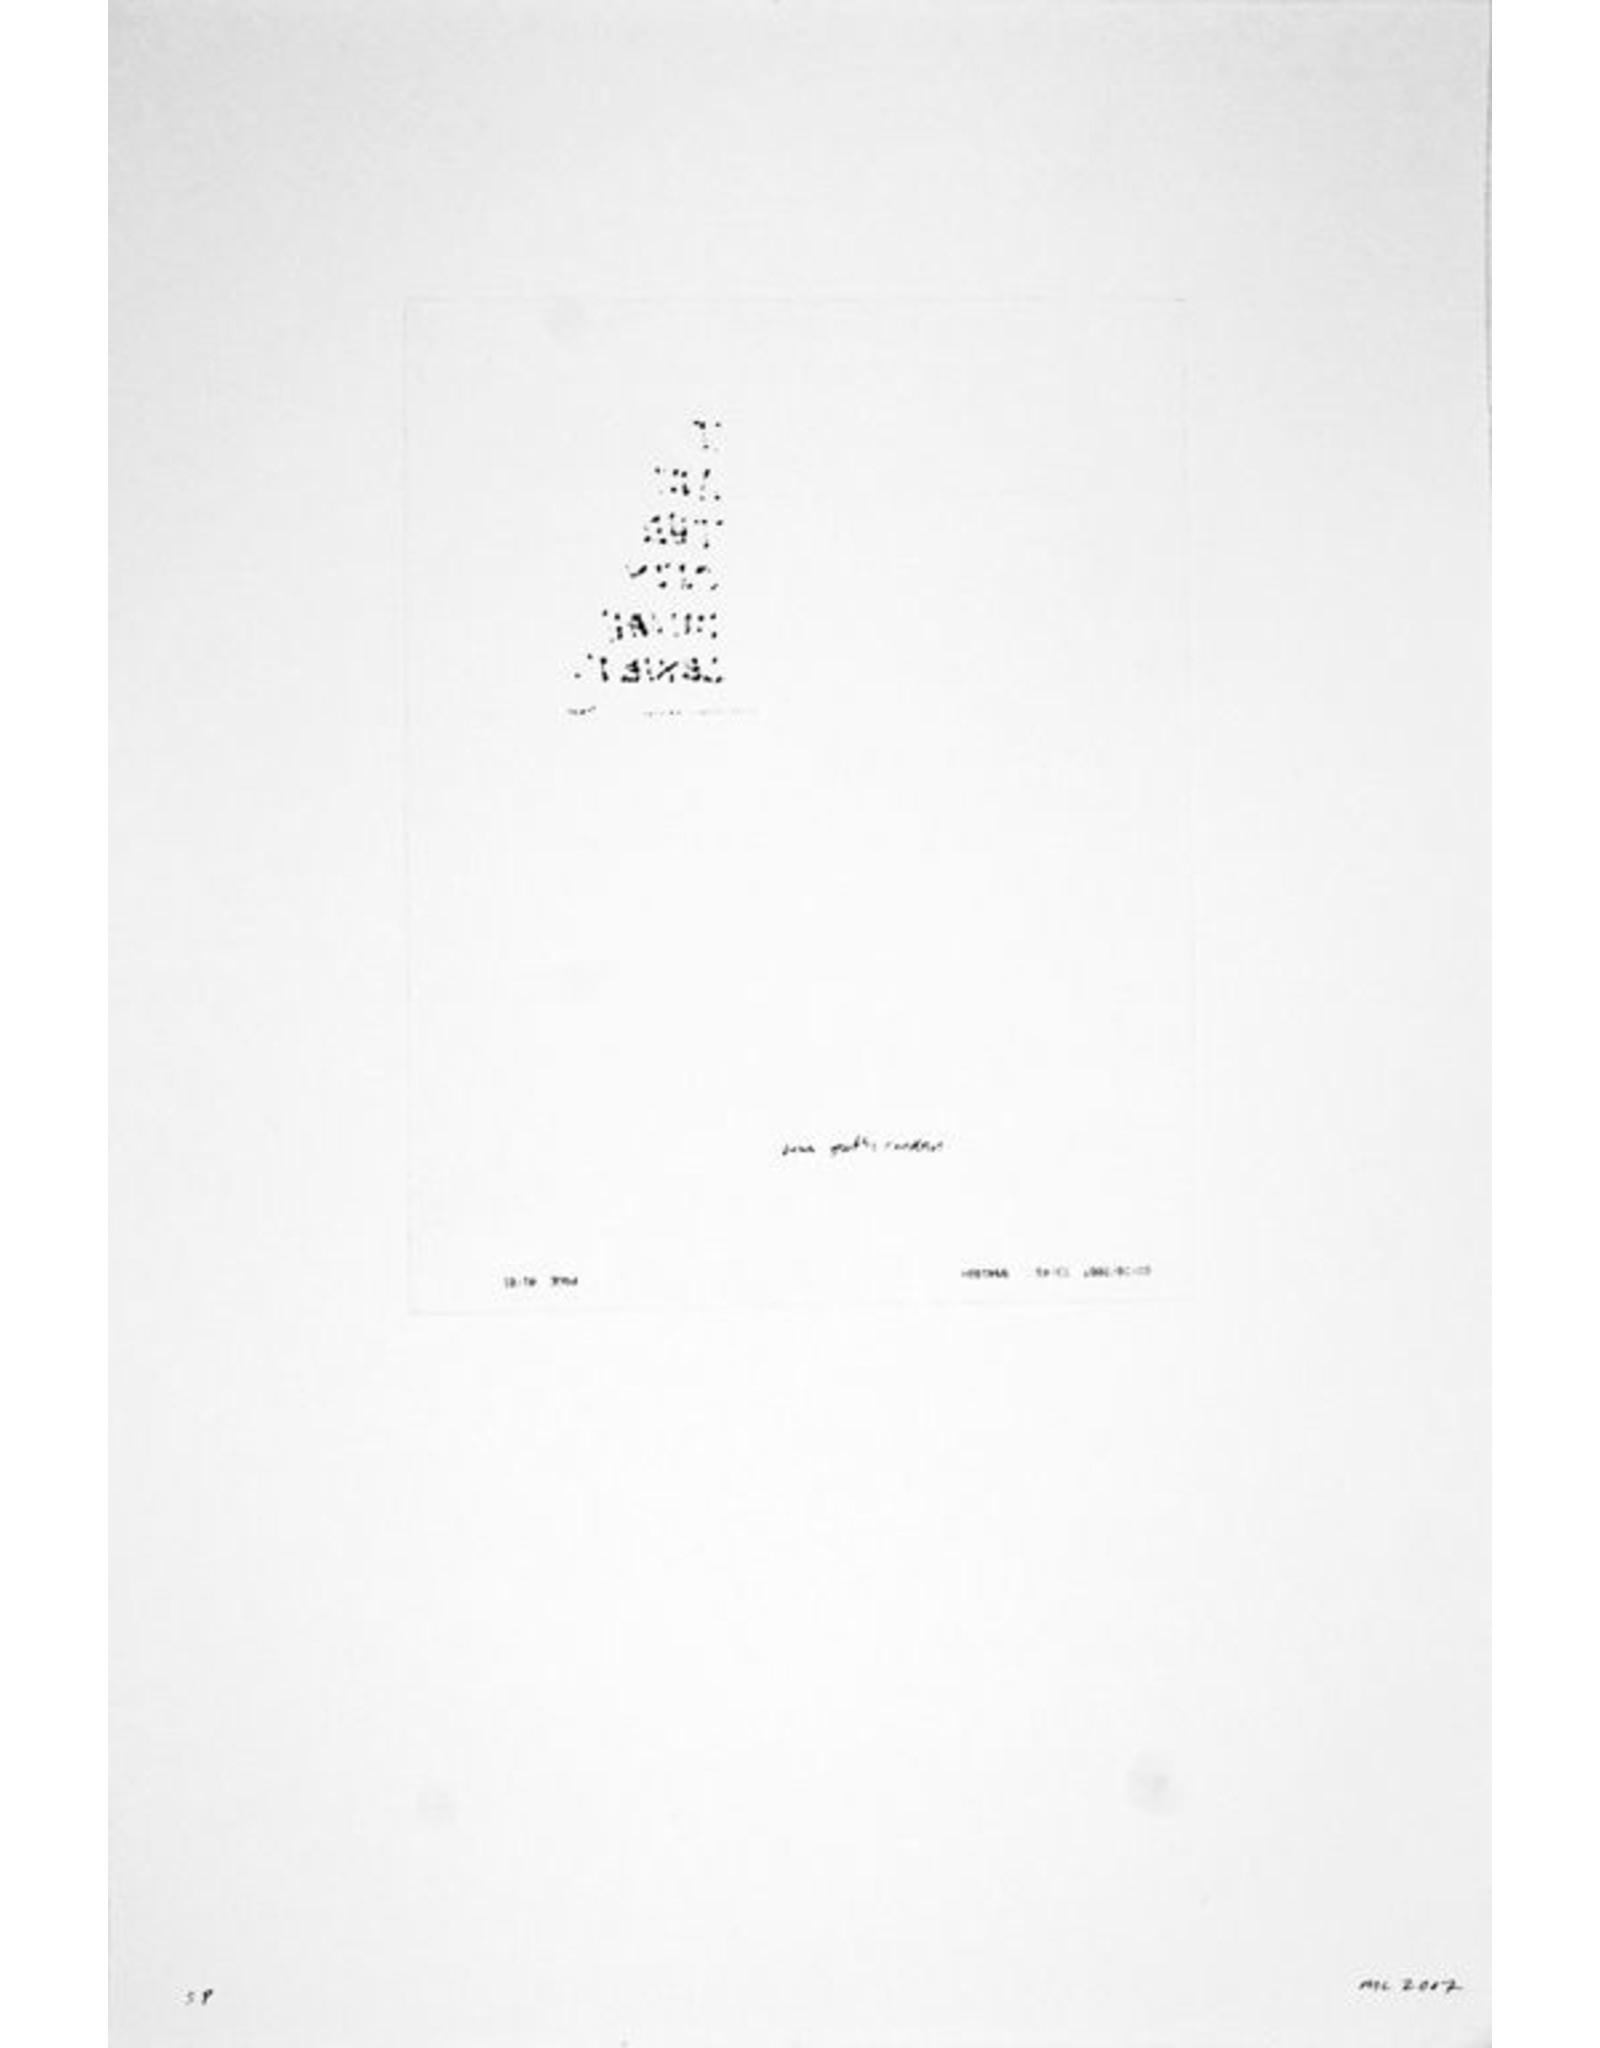 Lexier, Micah A Sentence (fax), Micah Lexier